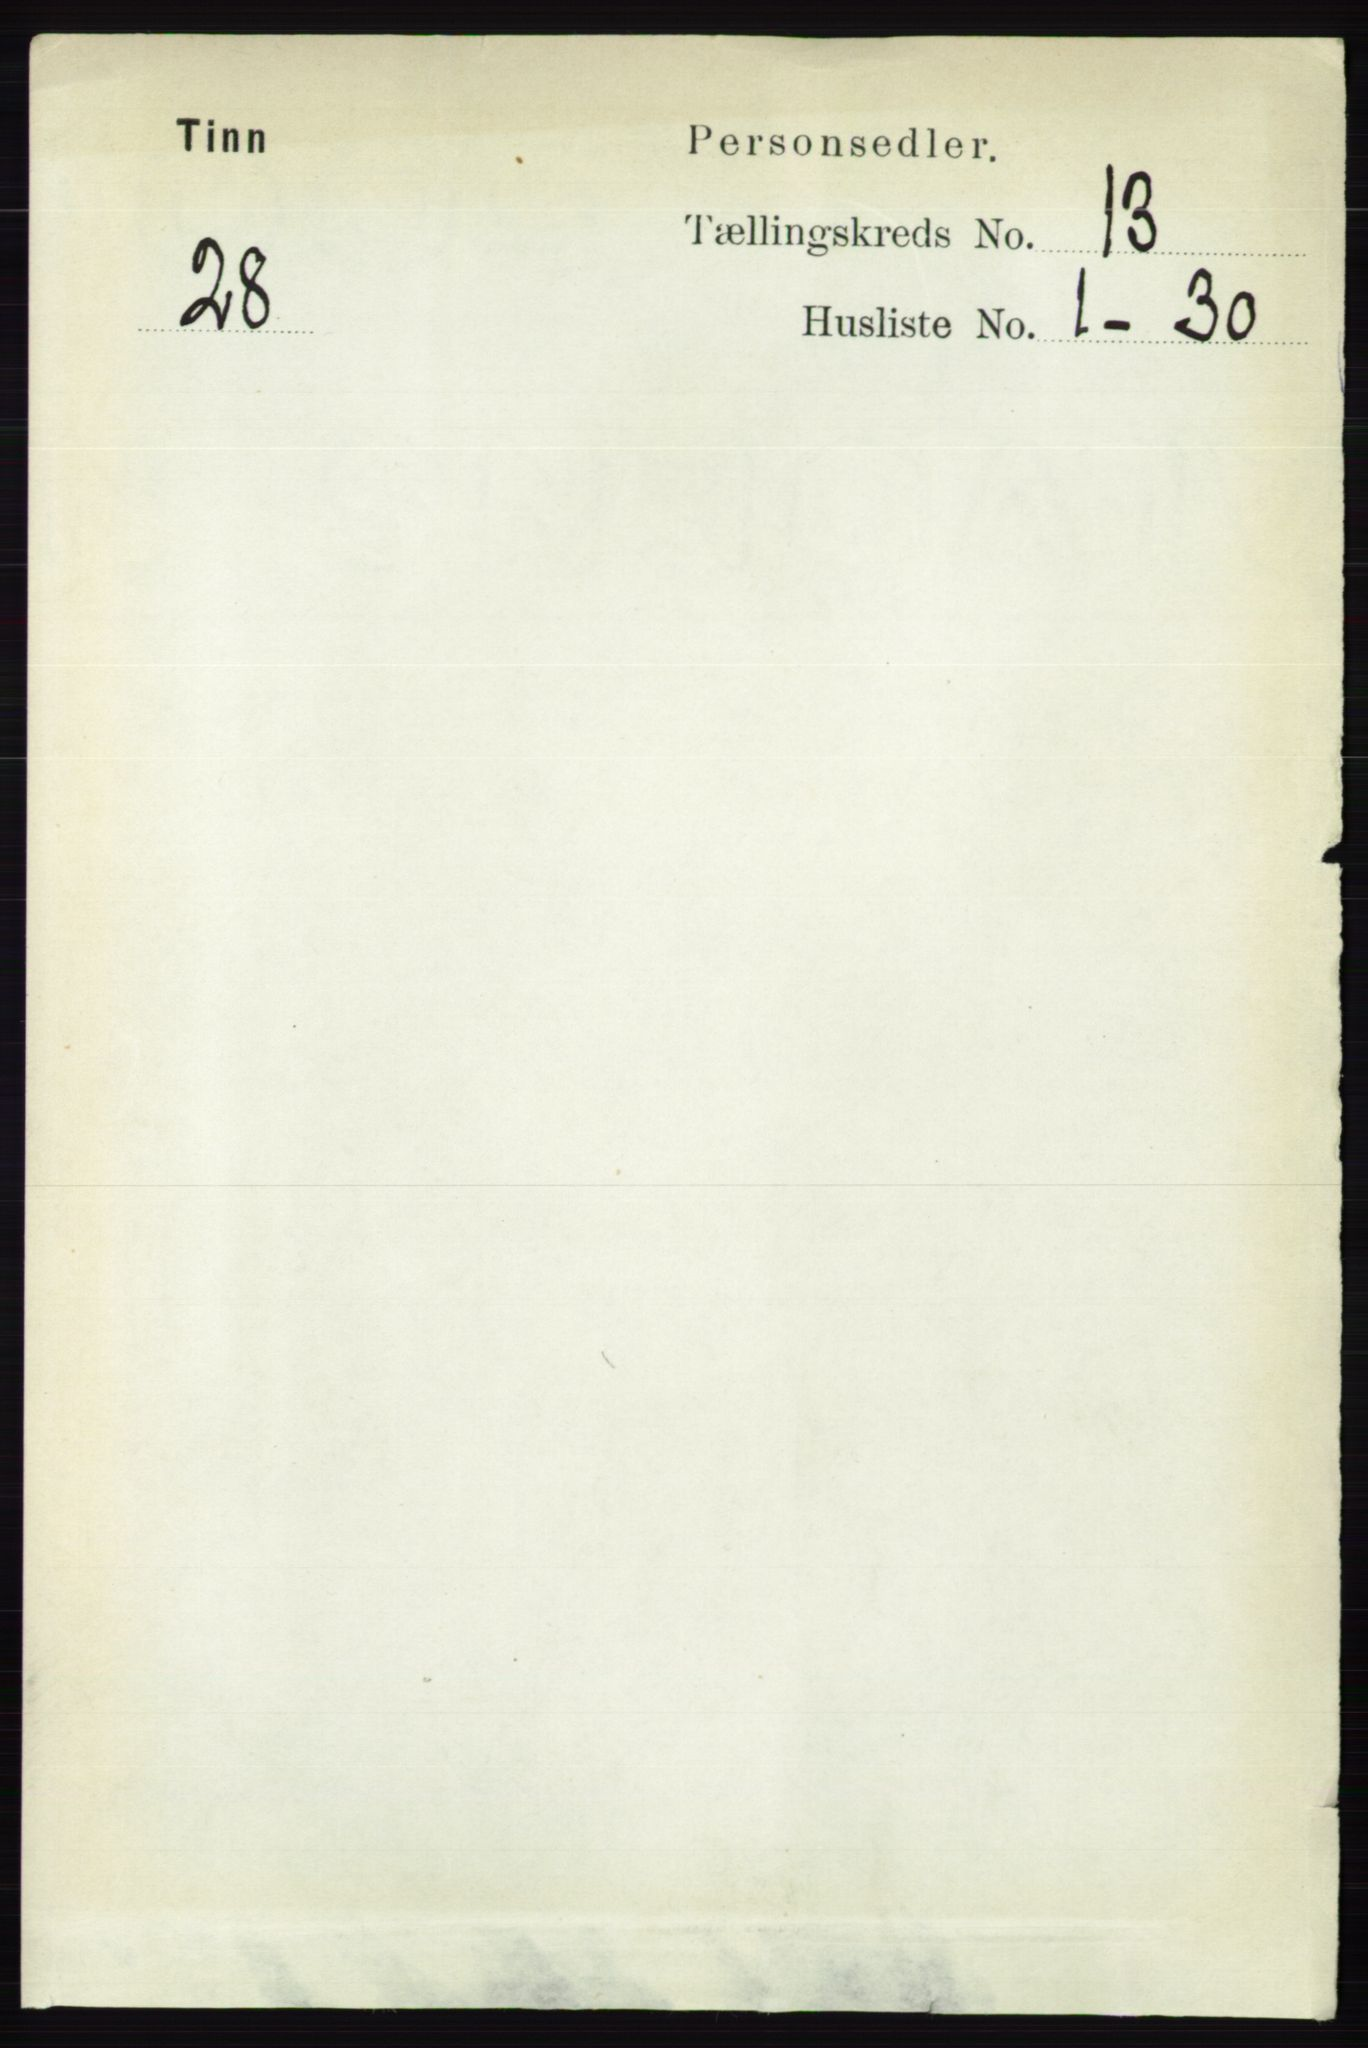 RA, Folketelling 1891 for 0826 Tinn herred, 1891, s. 2659